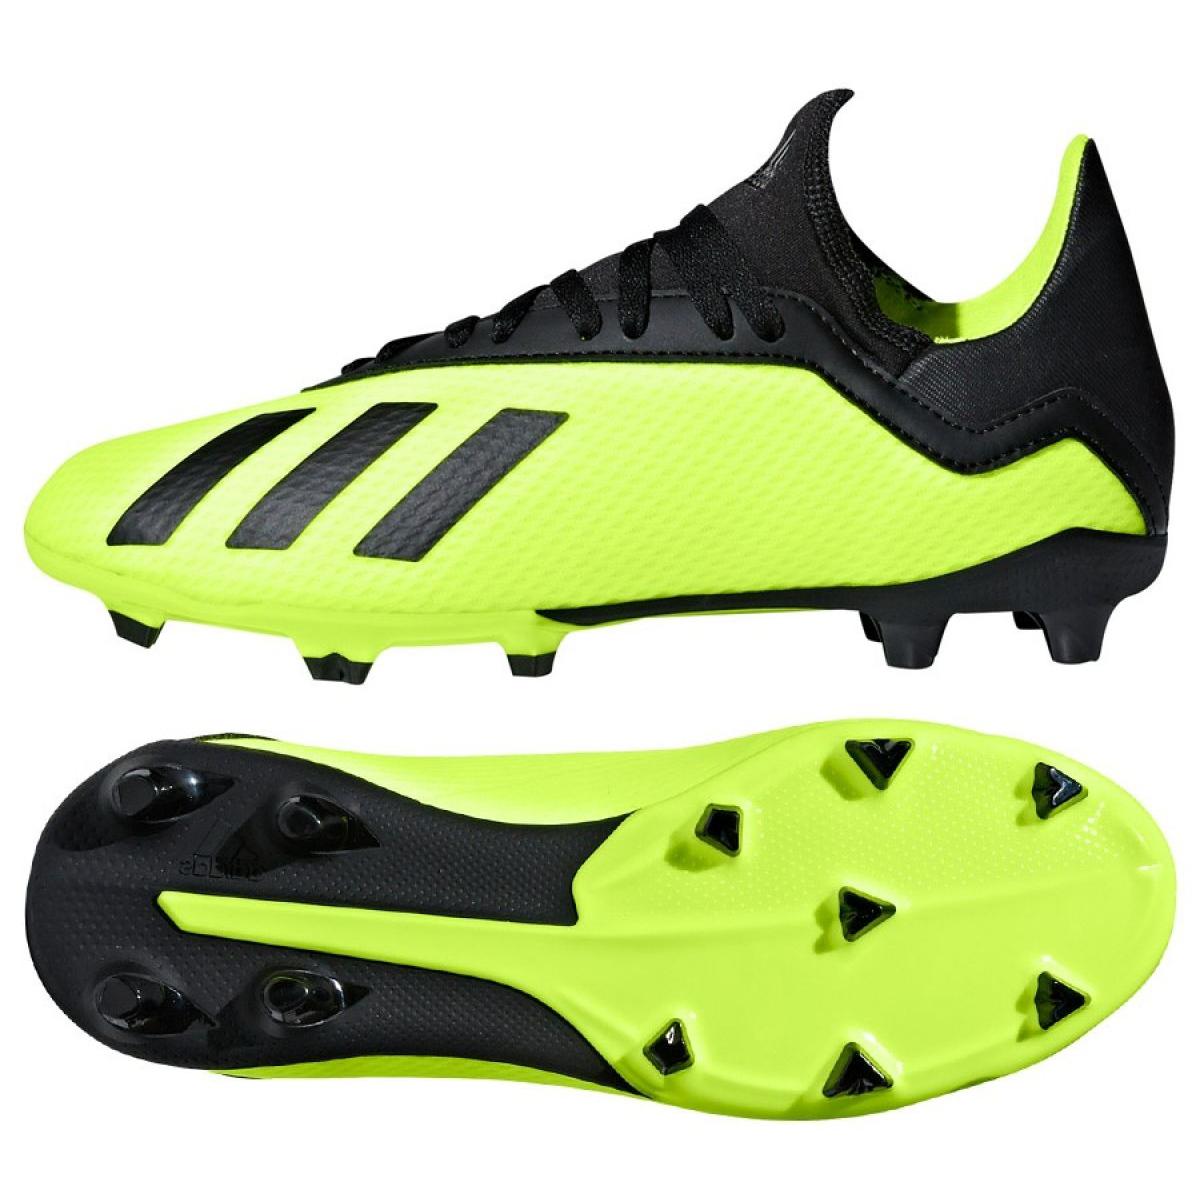 Détails sur Chaussures de foot adidas X 18.3 Fg Jr DB2418 jaune vert